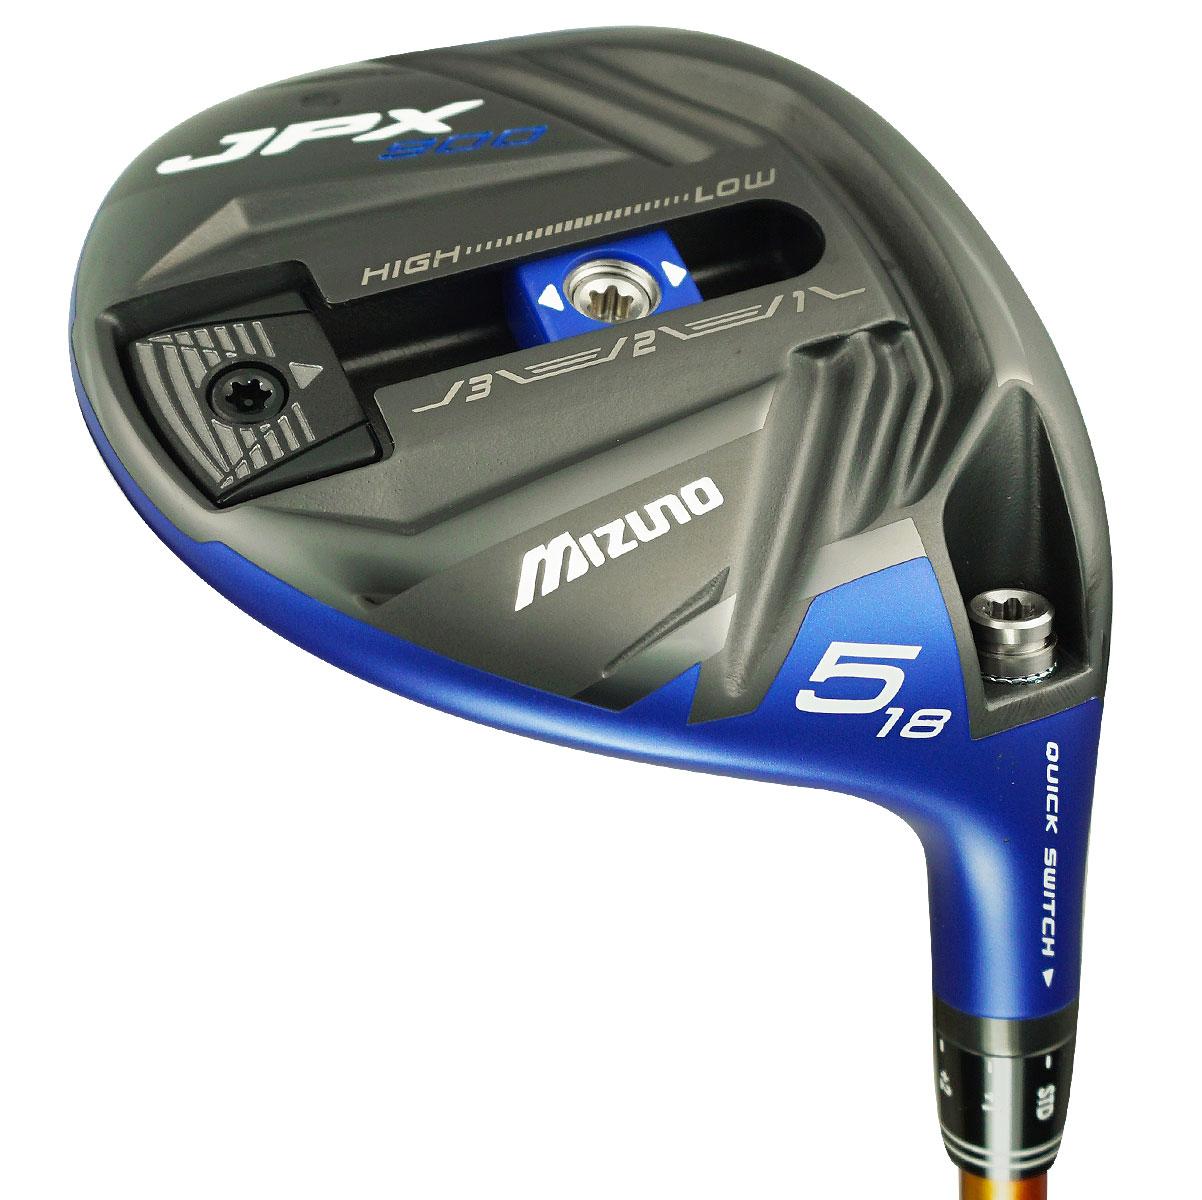 Mizuno Golf- LH JPX 900 Fairway Wood 15* #3 Regular Flex